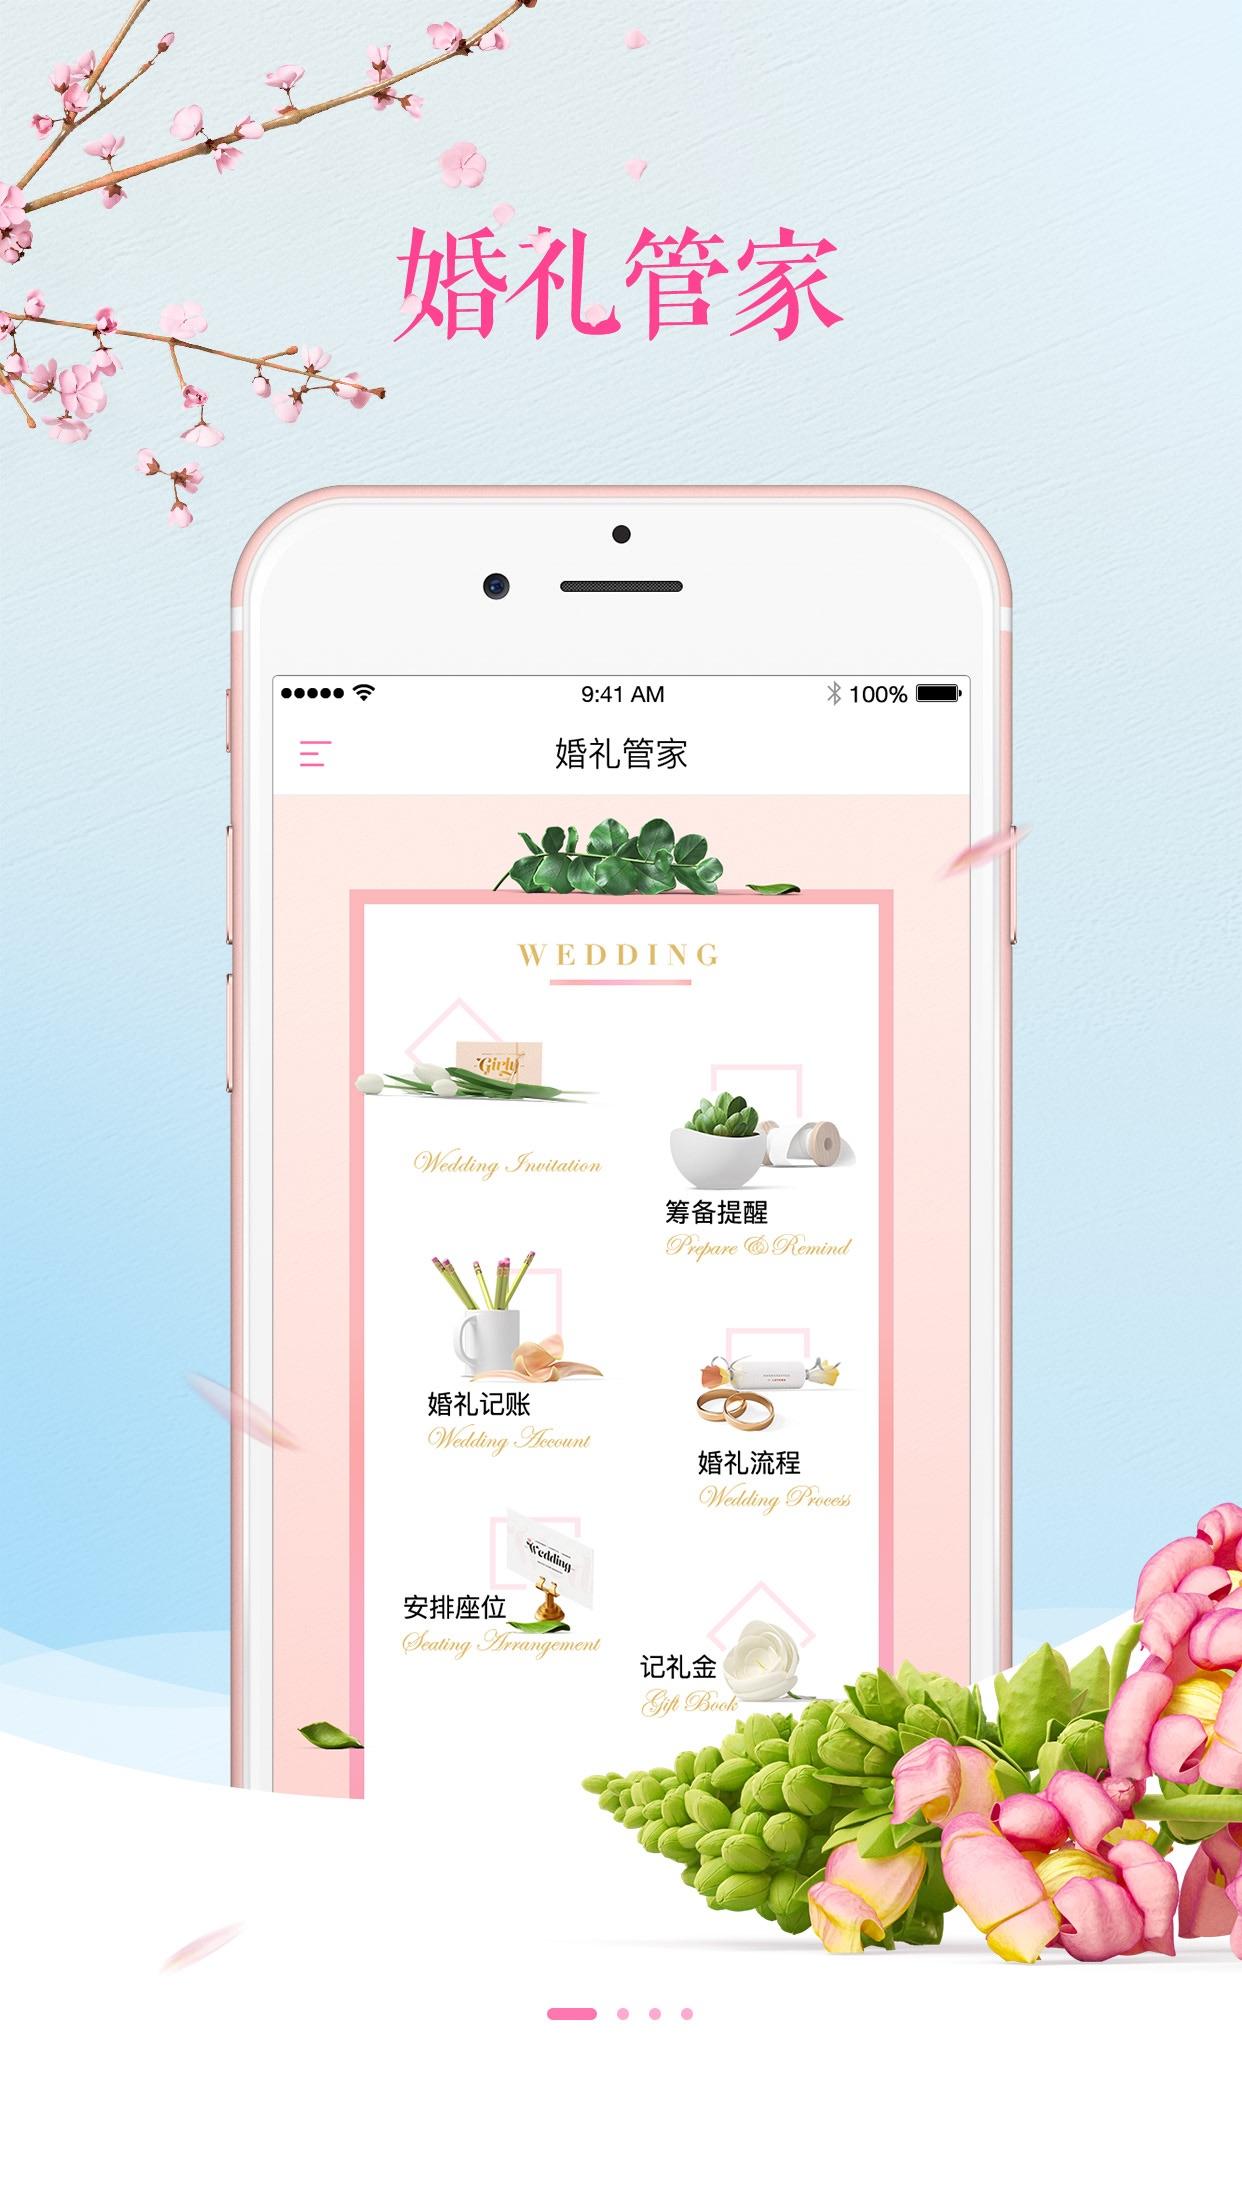 婚礼管家 - 婚礼自助管理必备 Screenshot